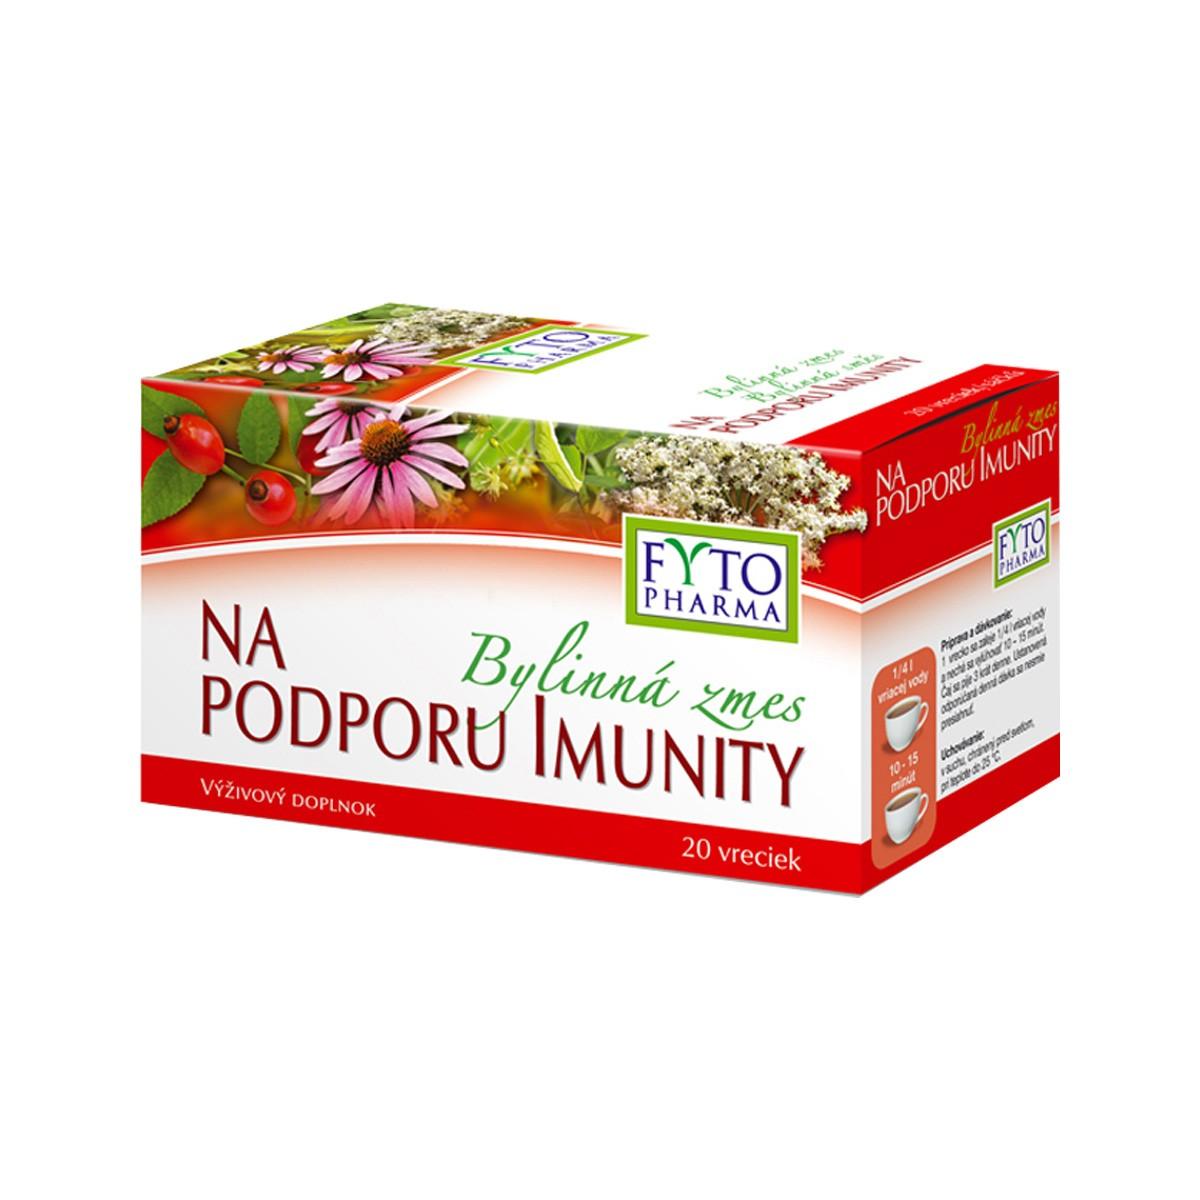 Bylinná smés na podporu imunity 20x1.5g Fytopharma